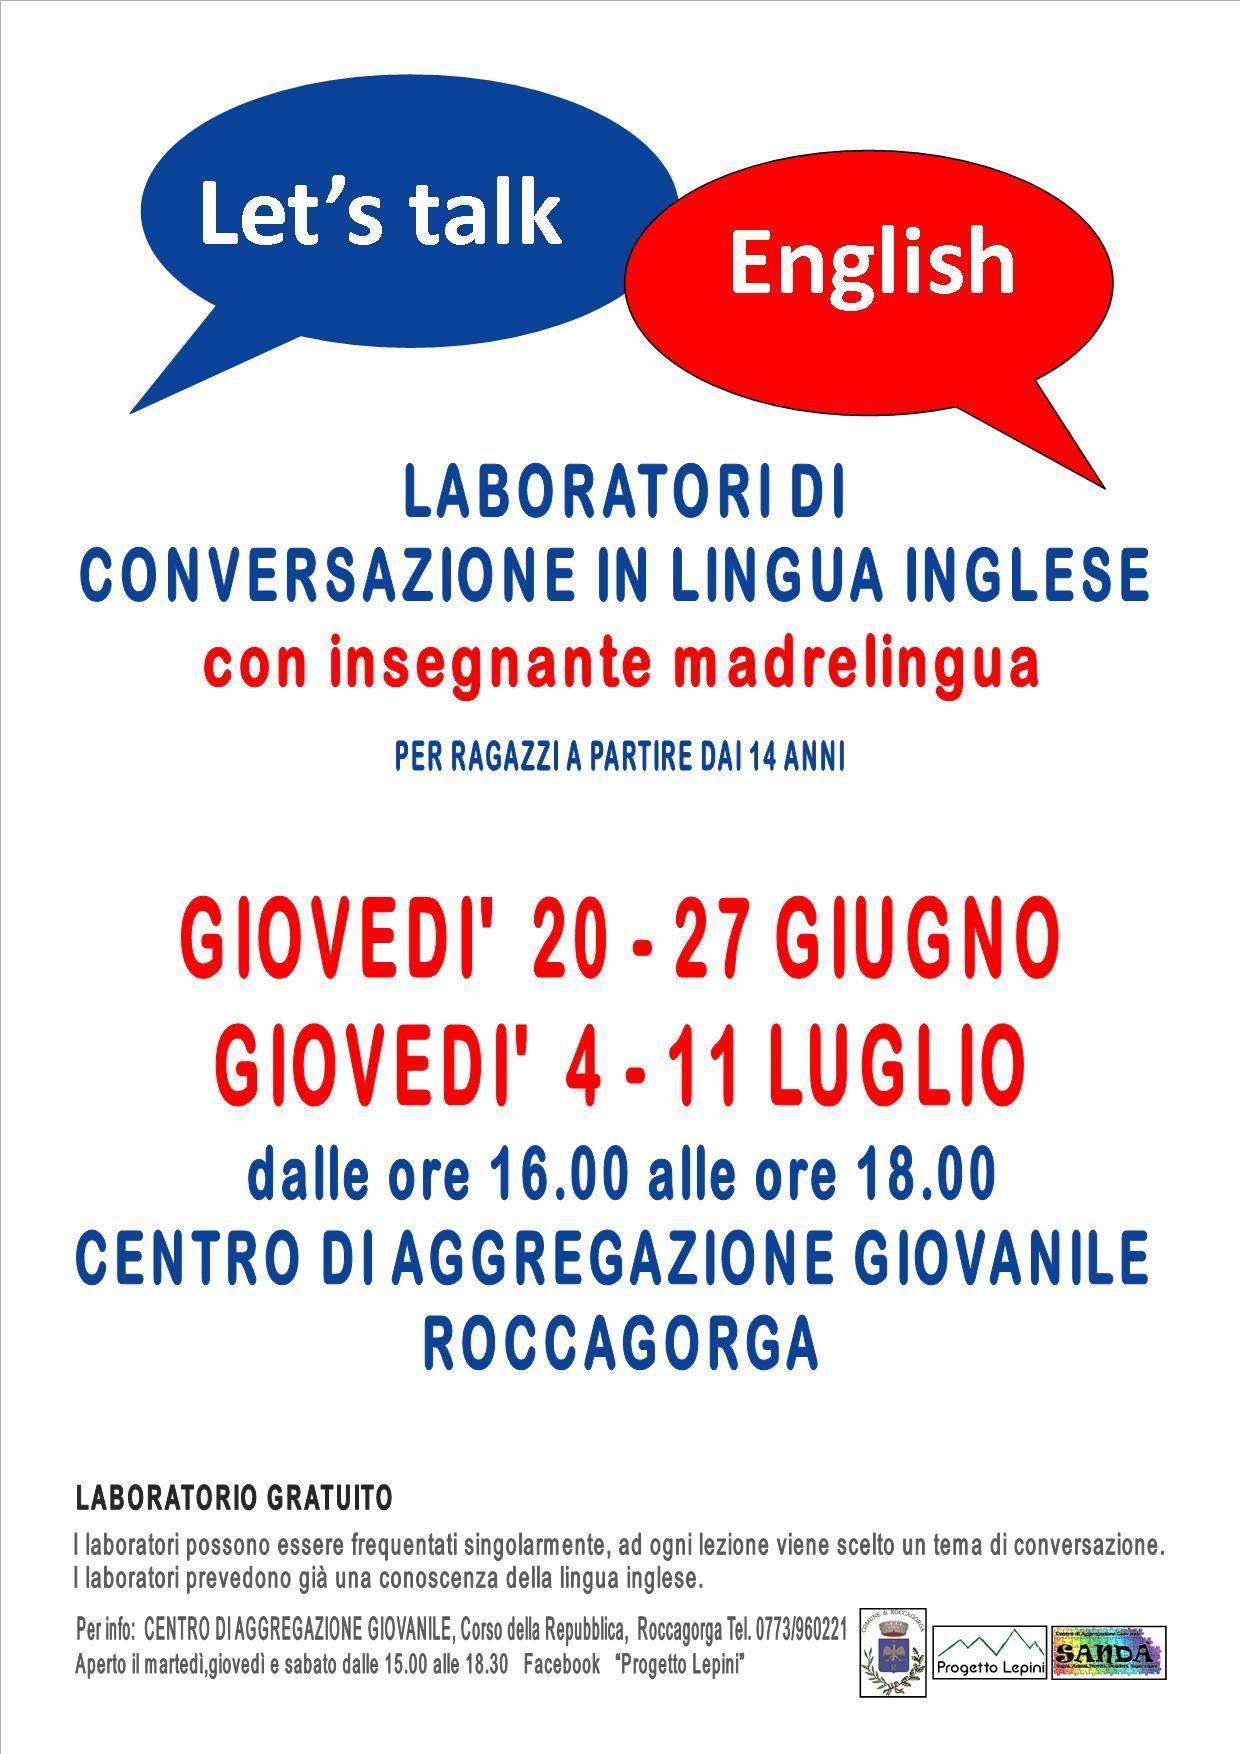 Roccagorga: Laboratori di conversazione in lingua inglese con insegnante madrelingua @ Centro di aggregazione giovanile  | Roccagorga | Lazio | Italia